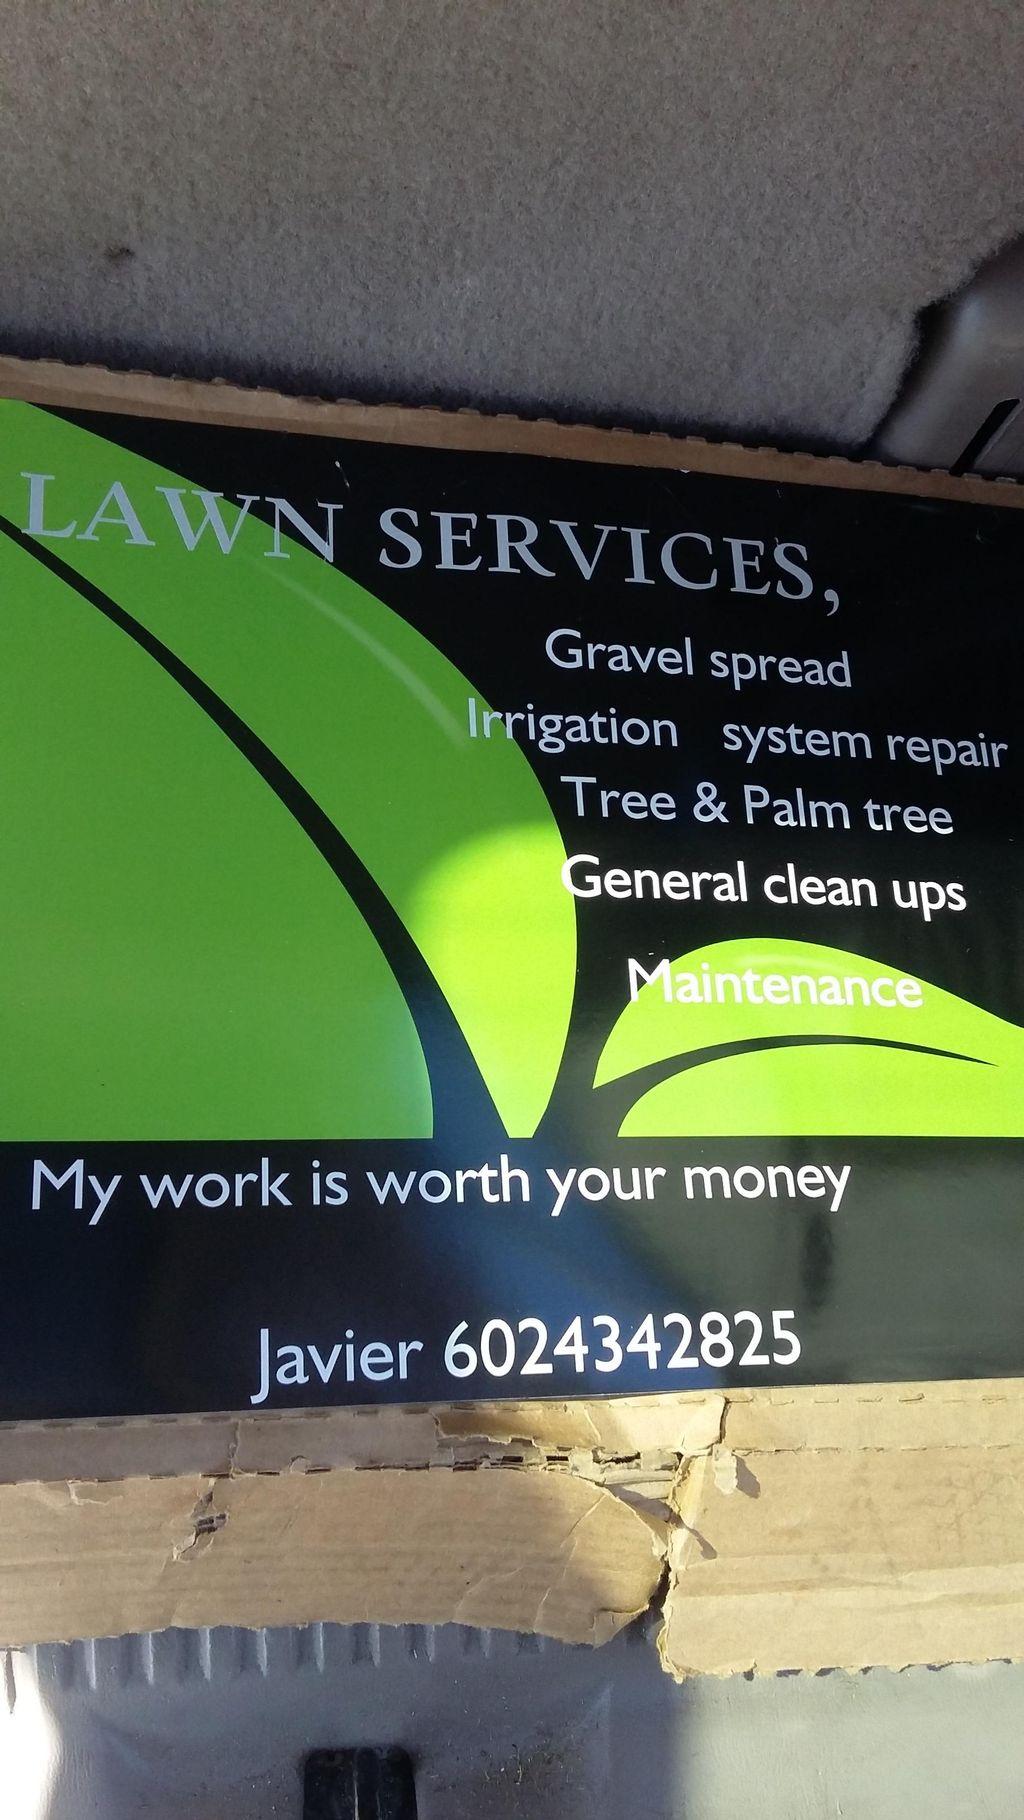 J lawn services